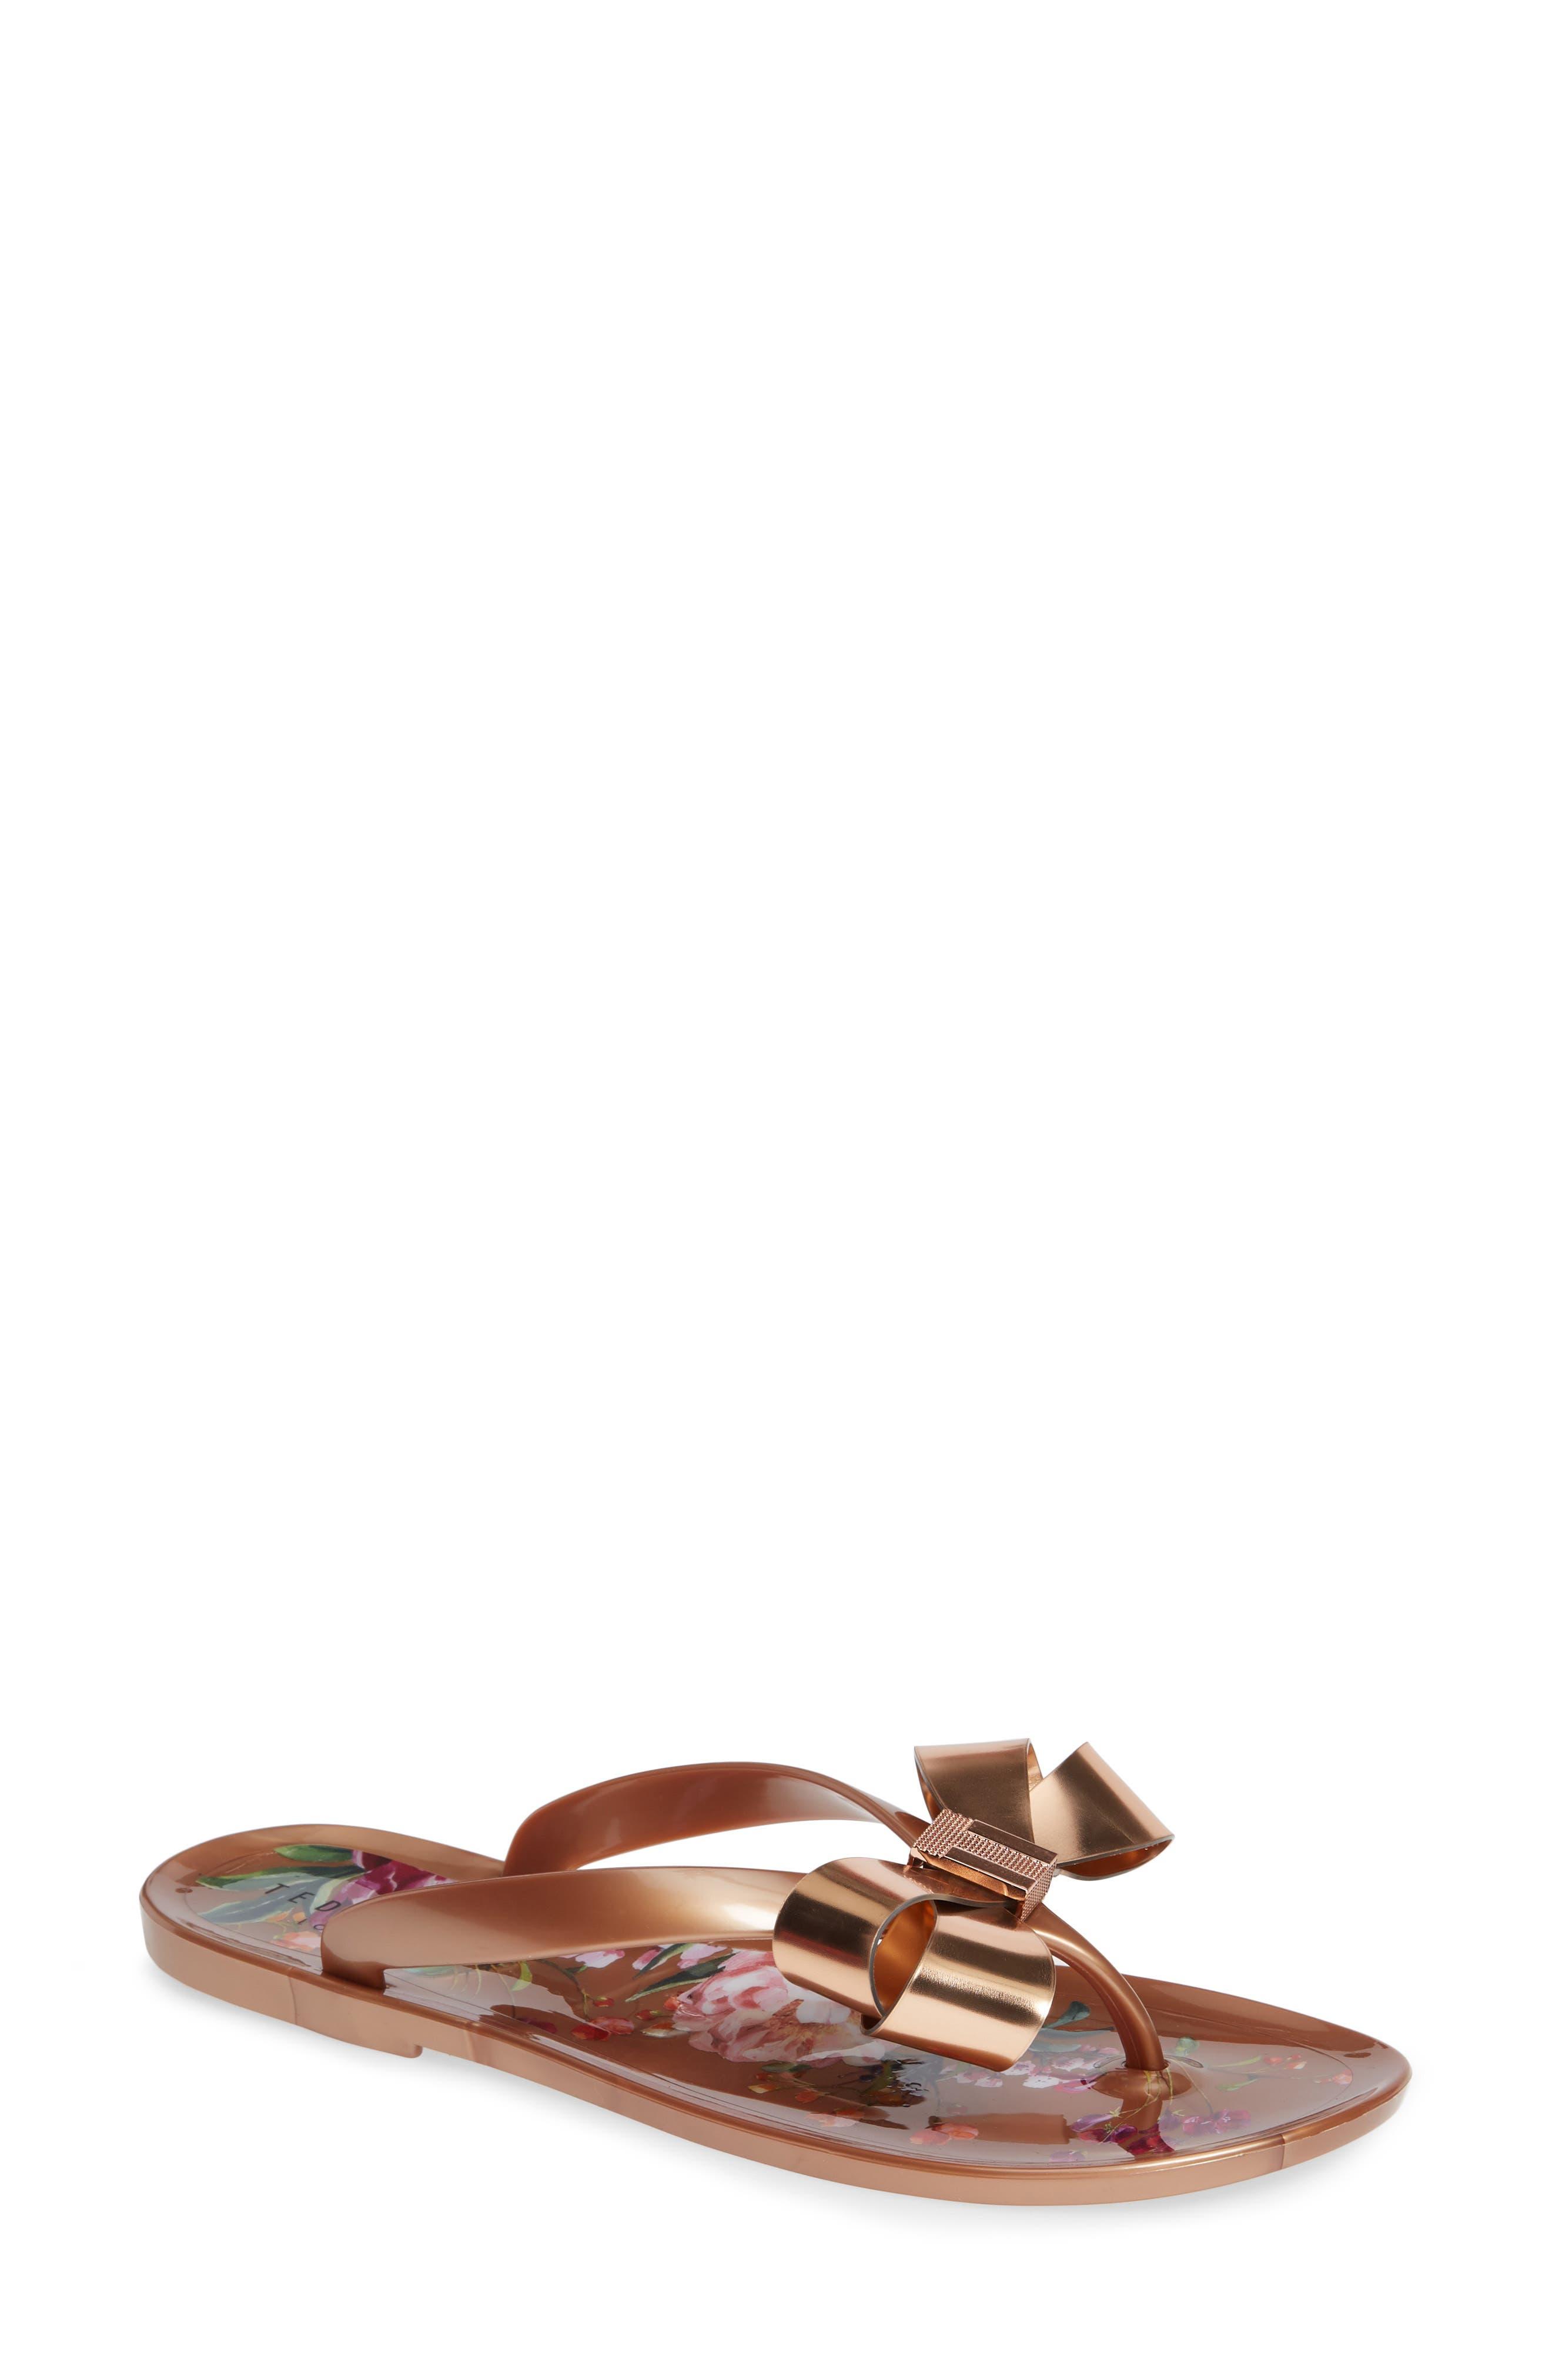 Suszie Flip Flop,                         Main,                         color, ROSE GOLD